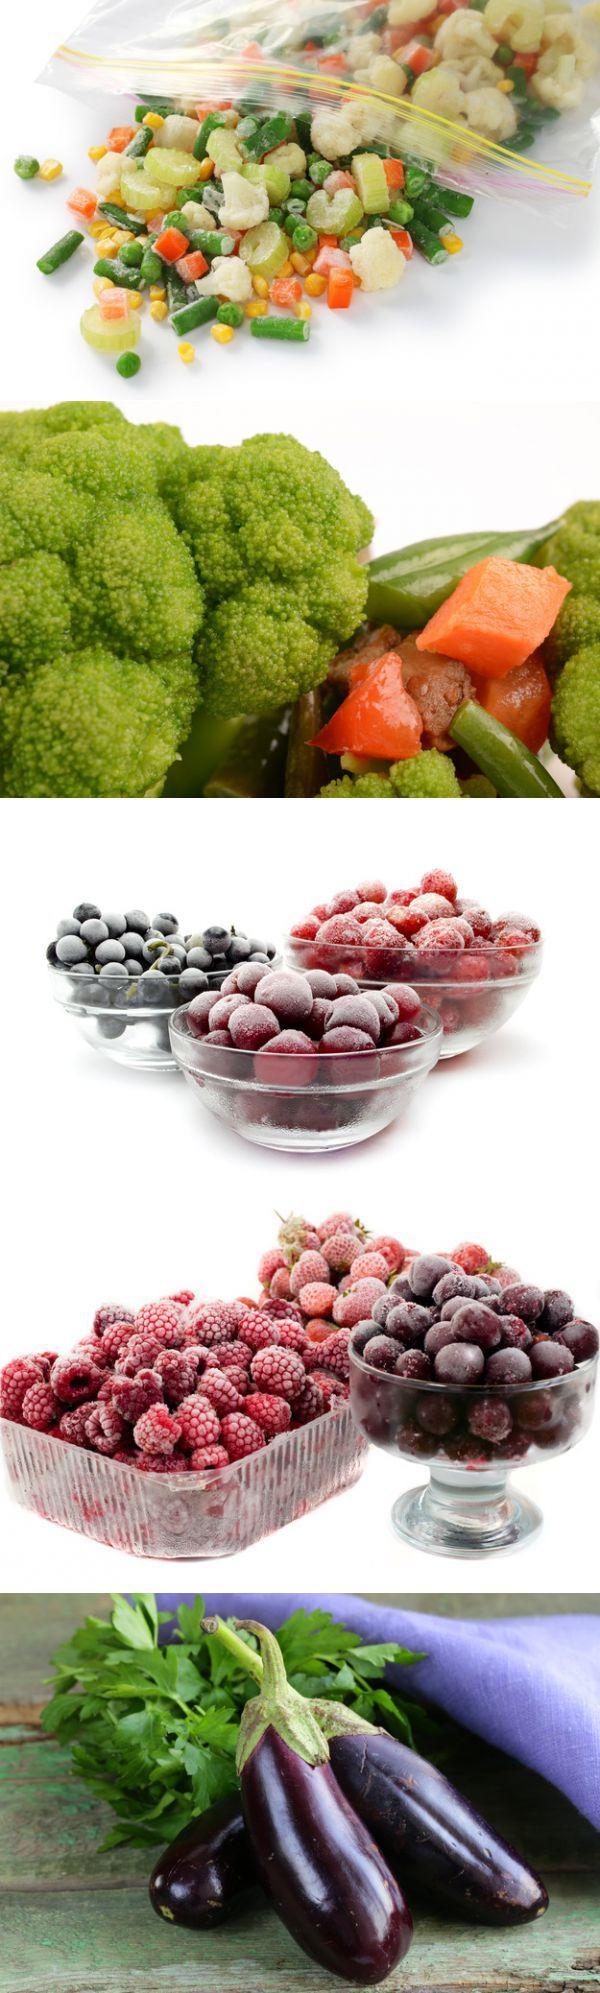 Секреты заморозки сезонных ягод, фруктов и овощей | Советы Народной Мудрости